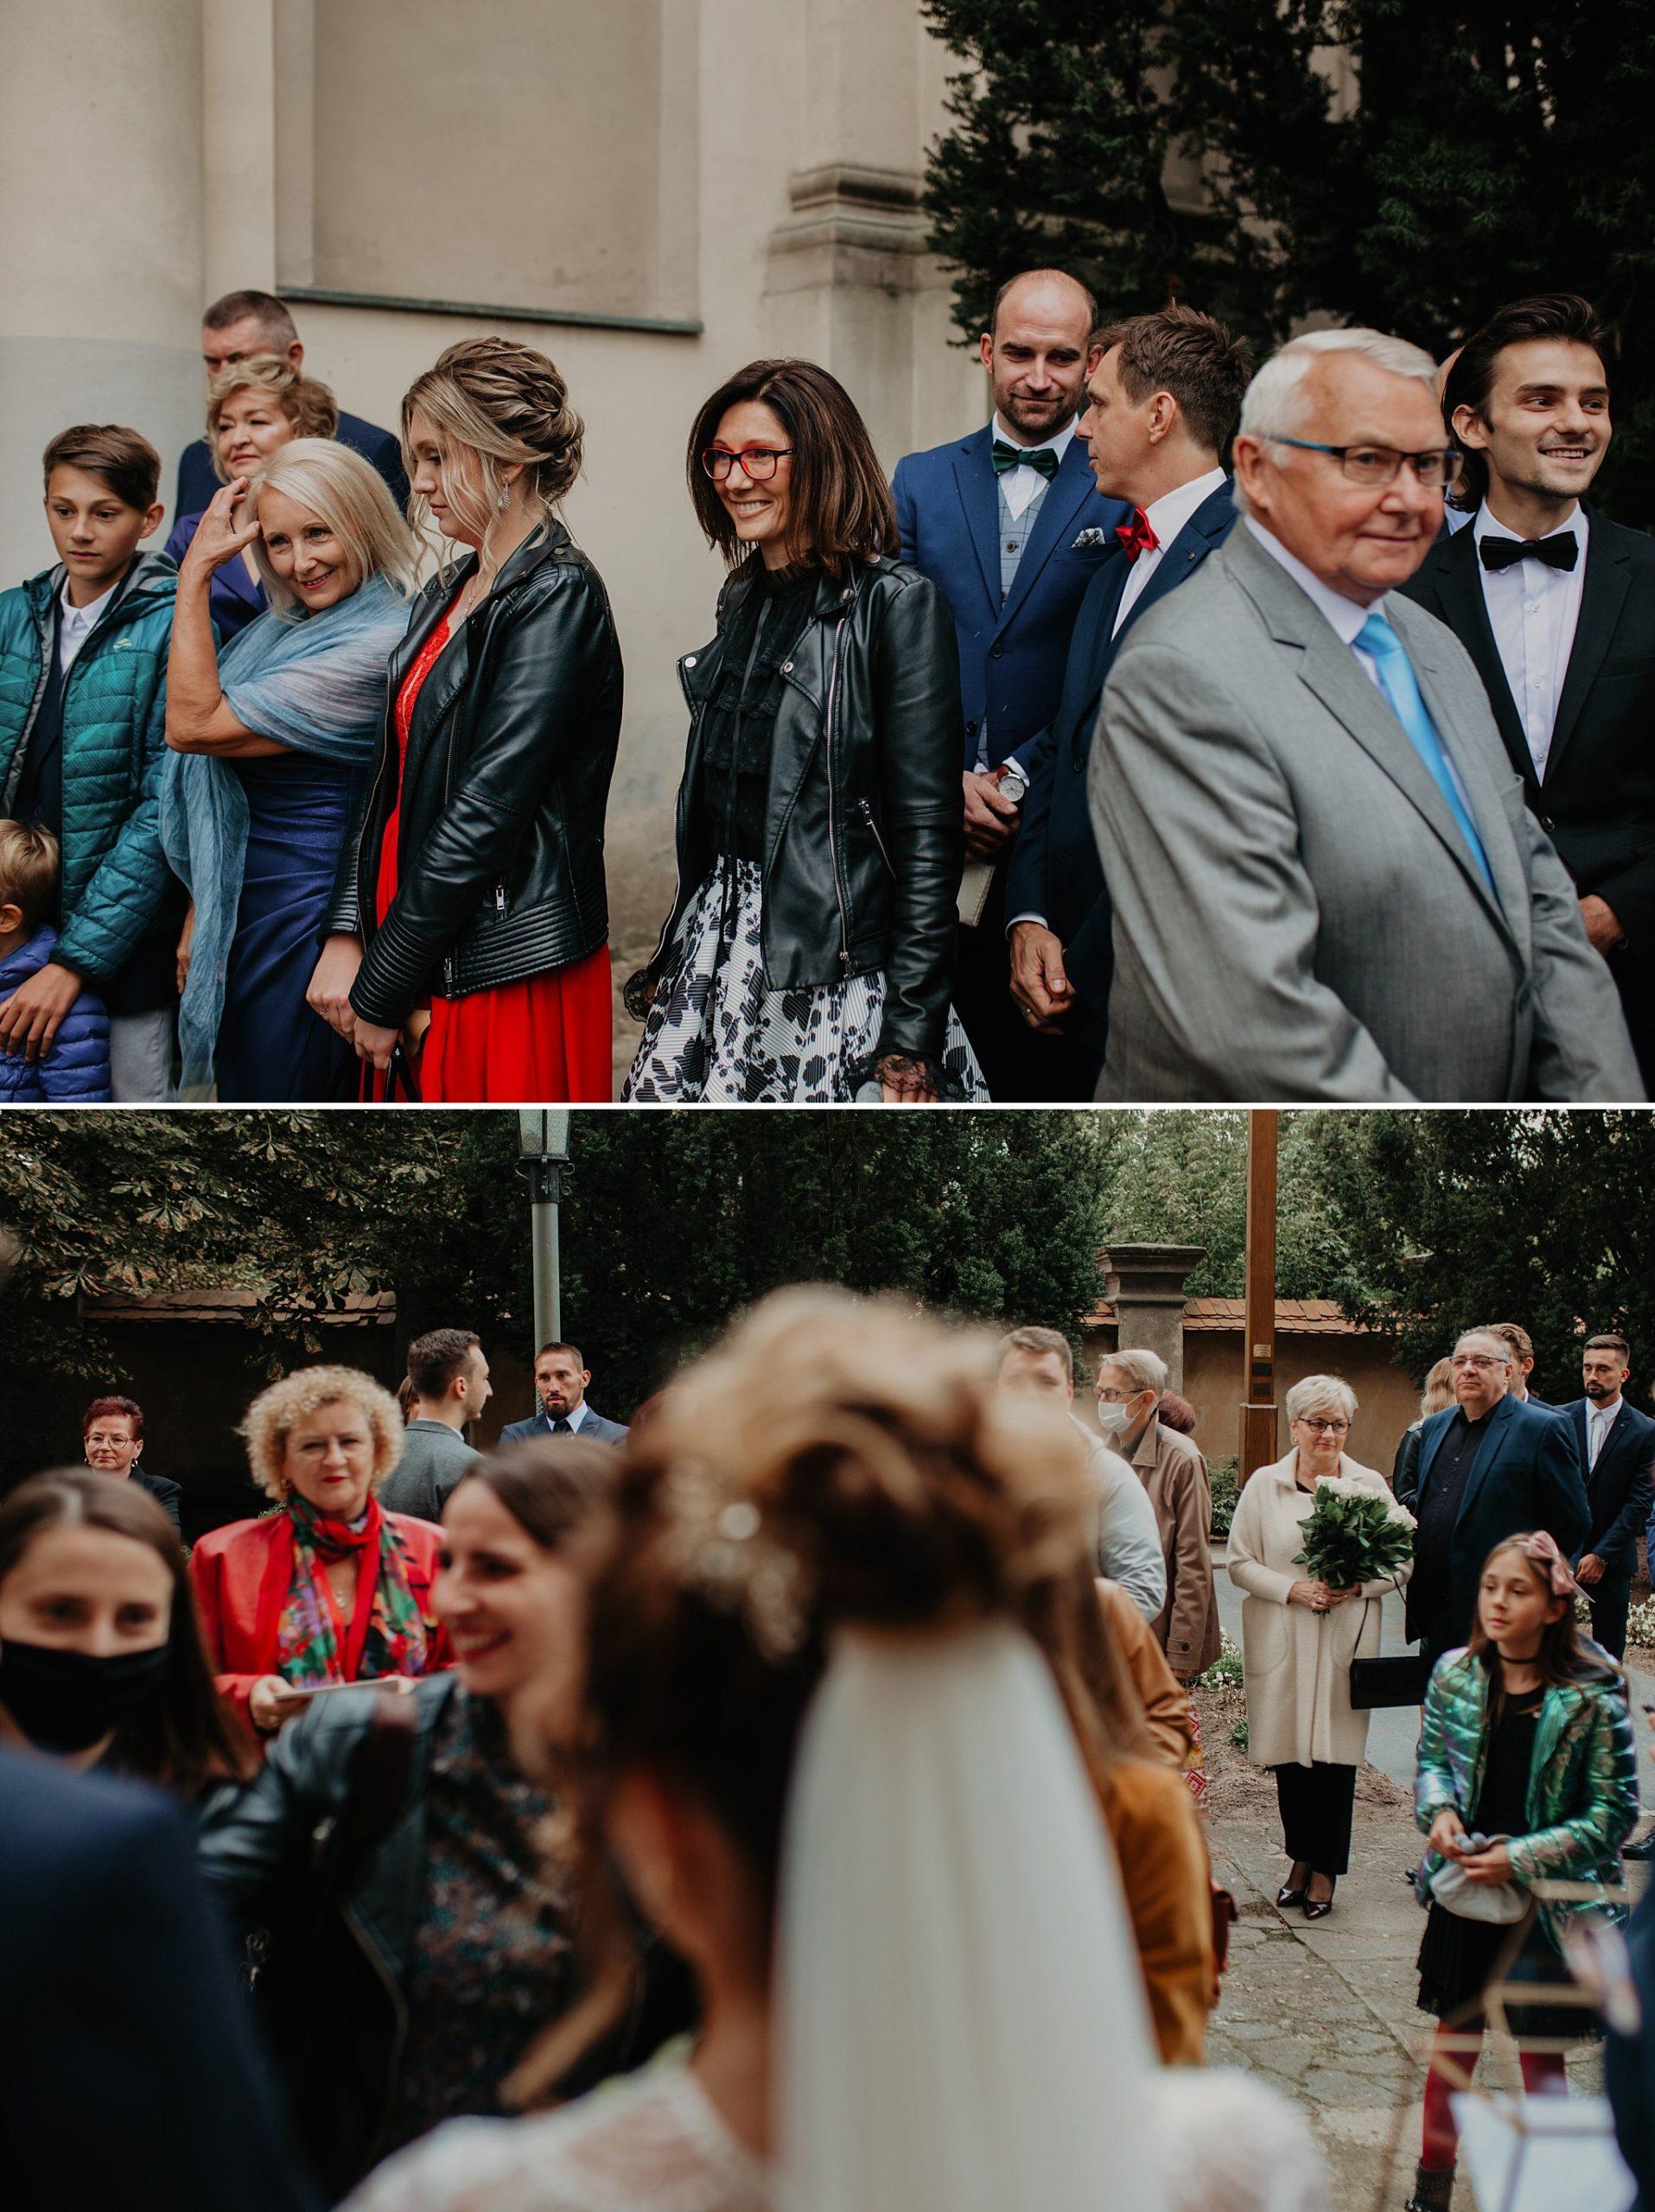 fotograf poznan wesele dobra truskawka piekne wesele pod poznaniem wesele w dobrej truskawce piekna para mloda slub marzen slub koronawirus slub listopad wesele koronawirus 227 scaled